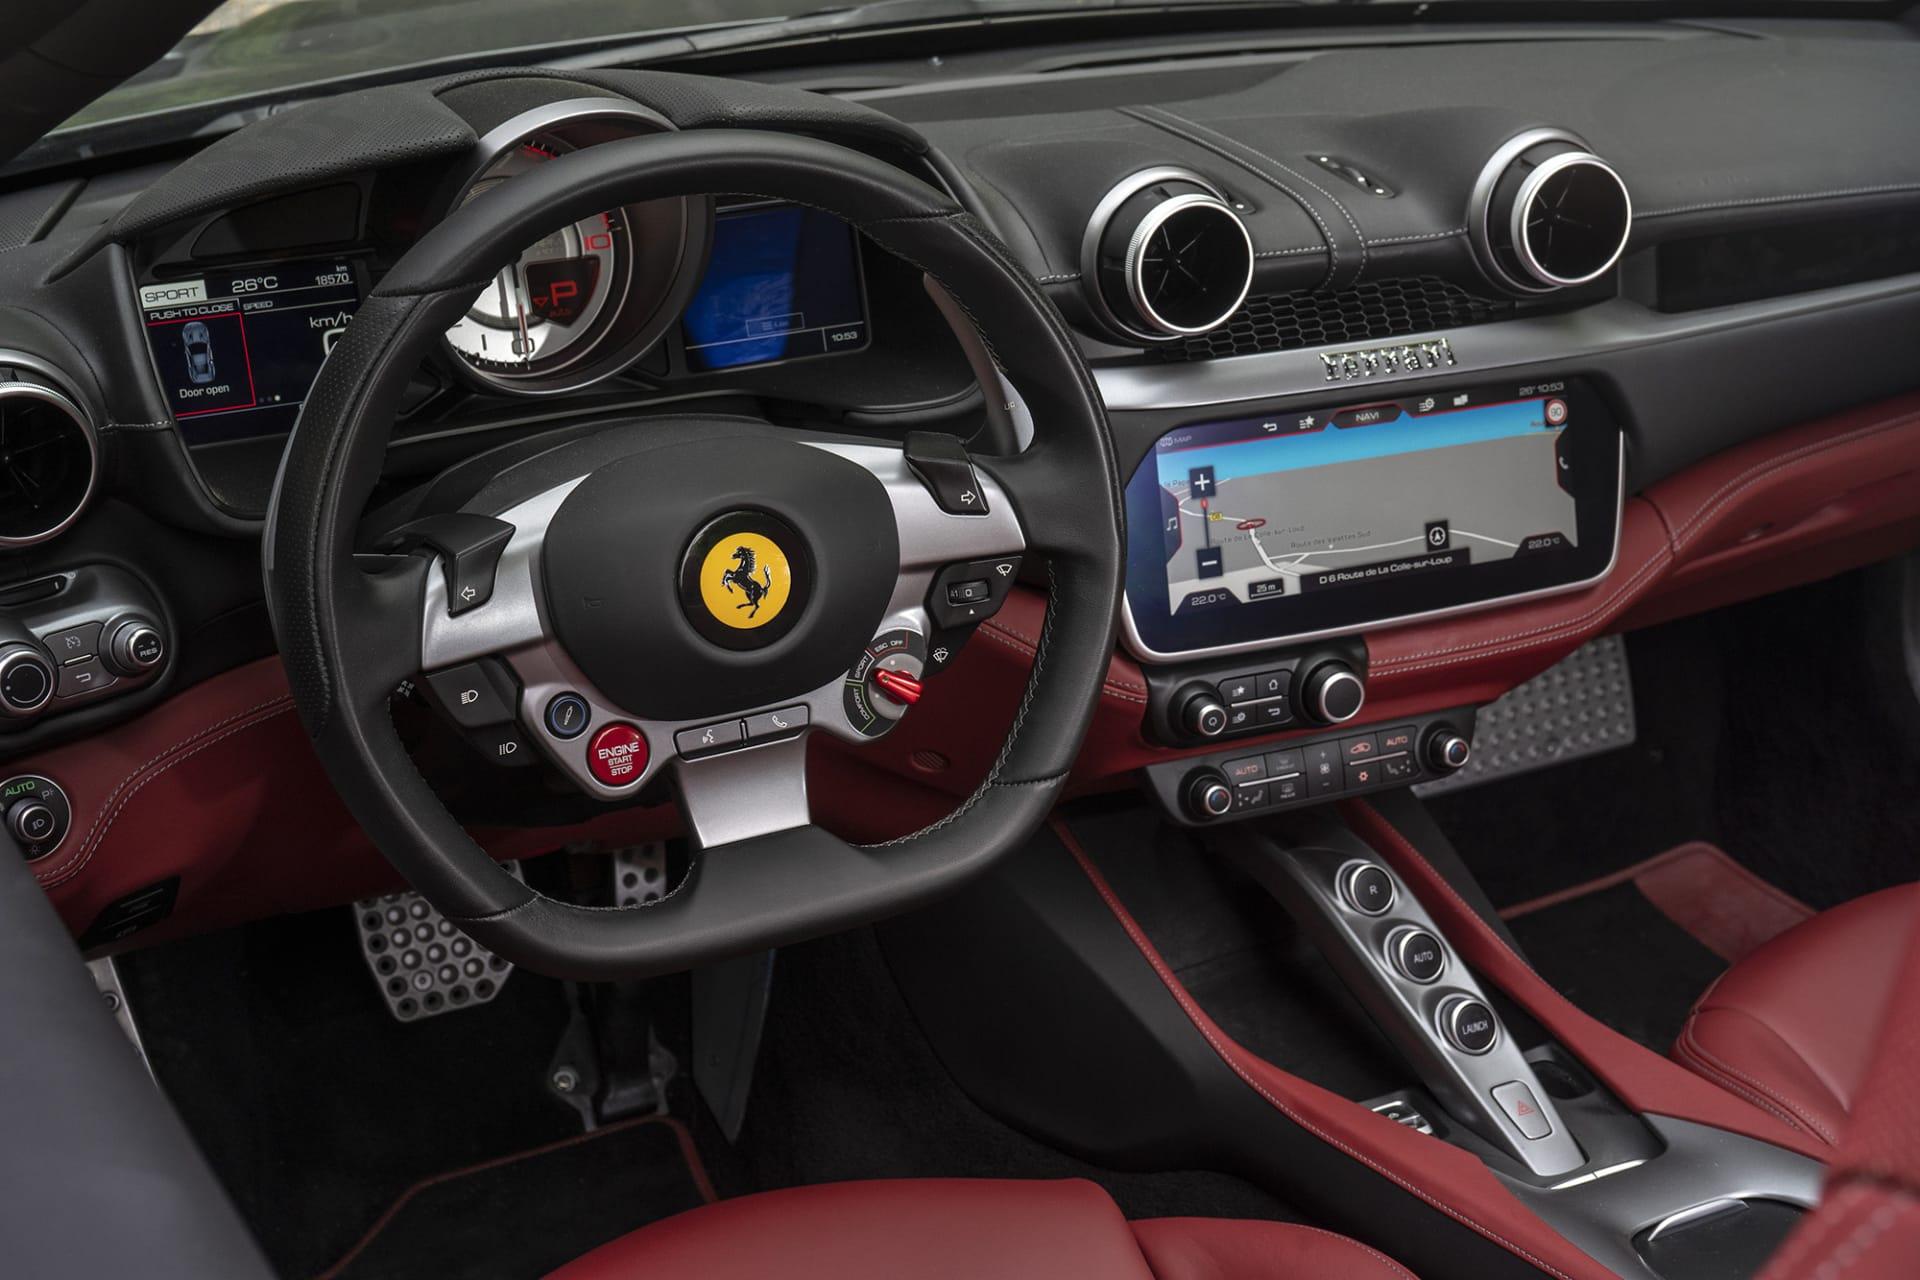 Interiören på Portofino är precis som övriga Ferrari modeller väldigt förarorienterad. Bakom ratten finns inga spakar utöver växelpadlarna. Alla reglage som normalt sitter där sitter som knappar på ratten.